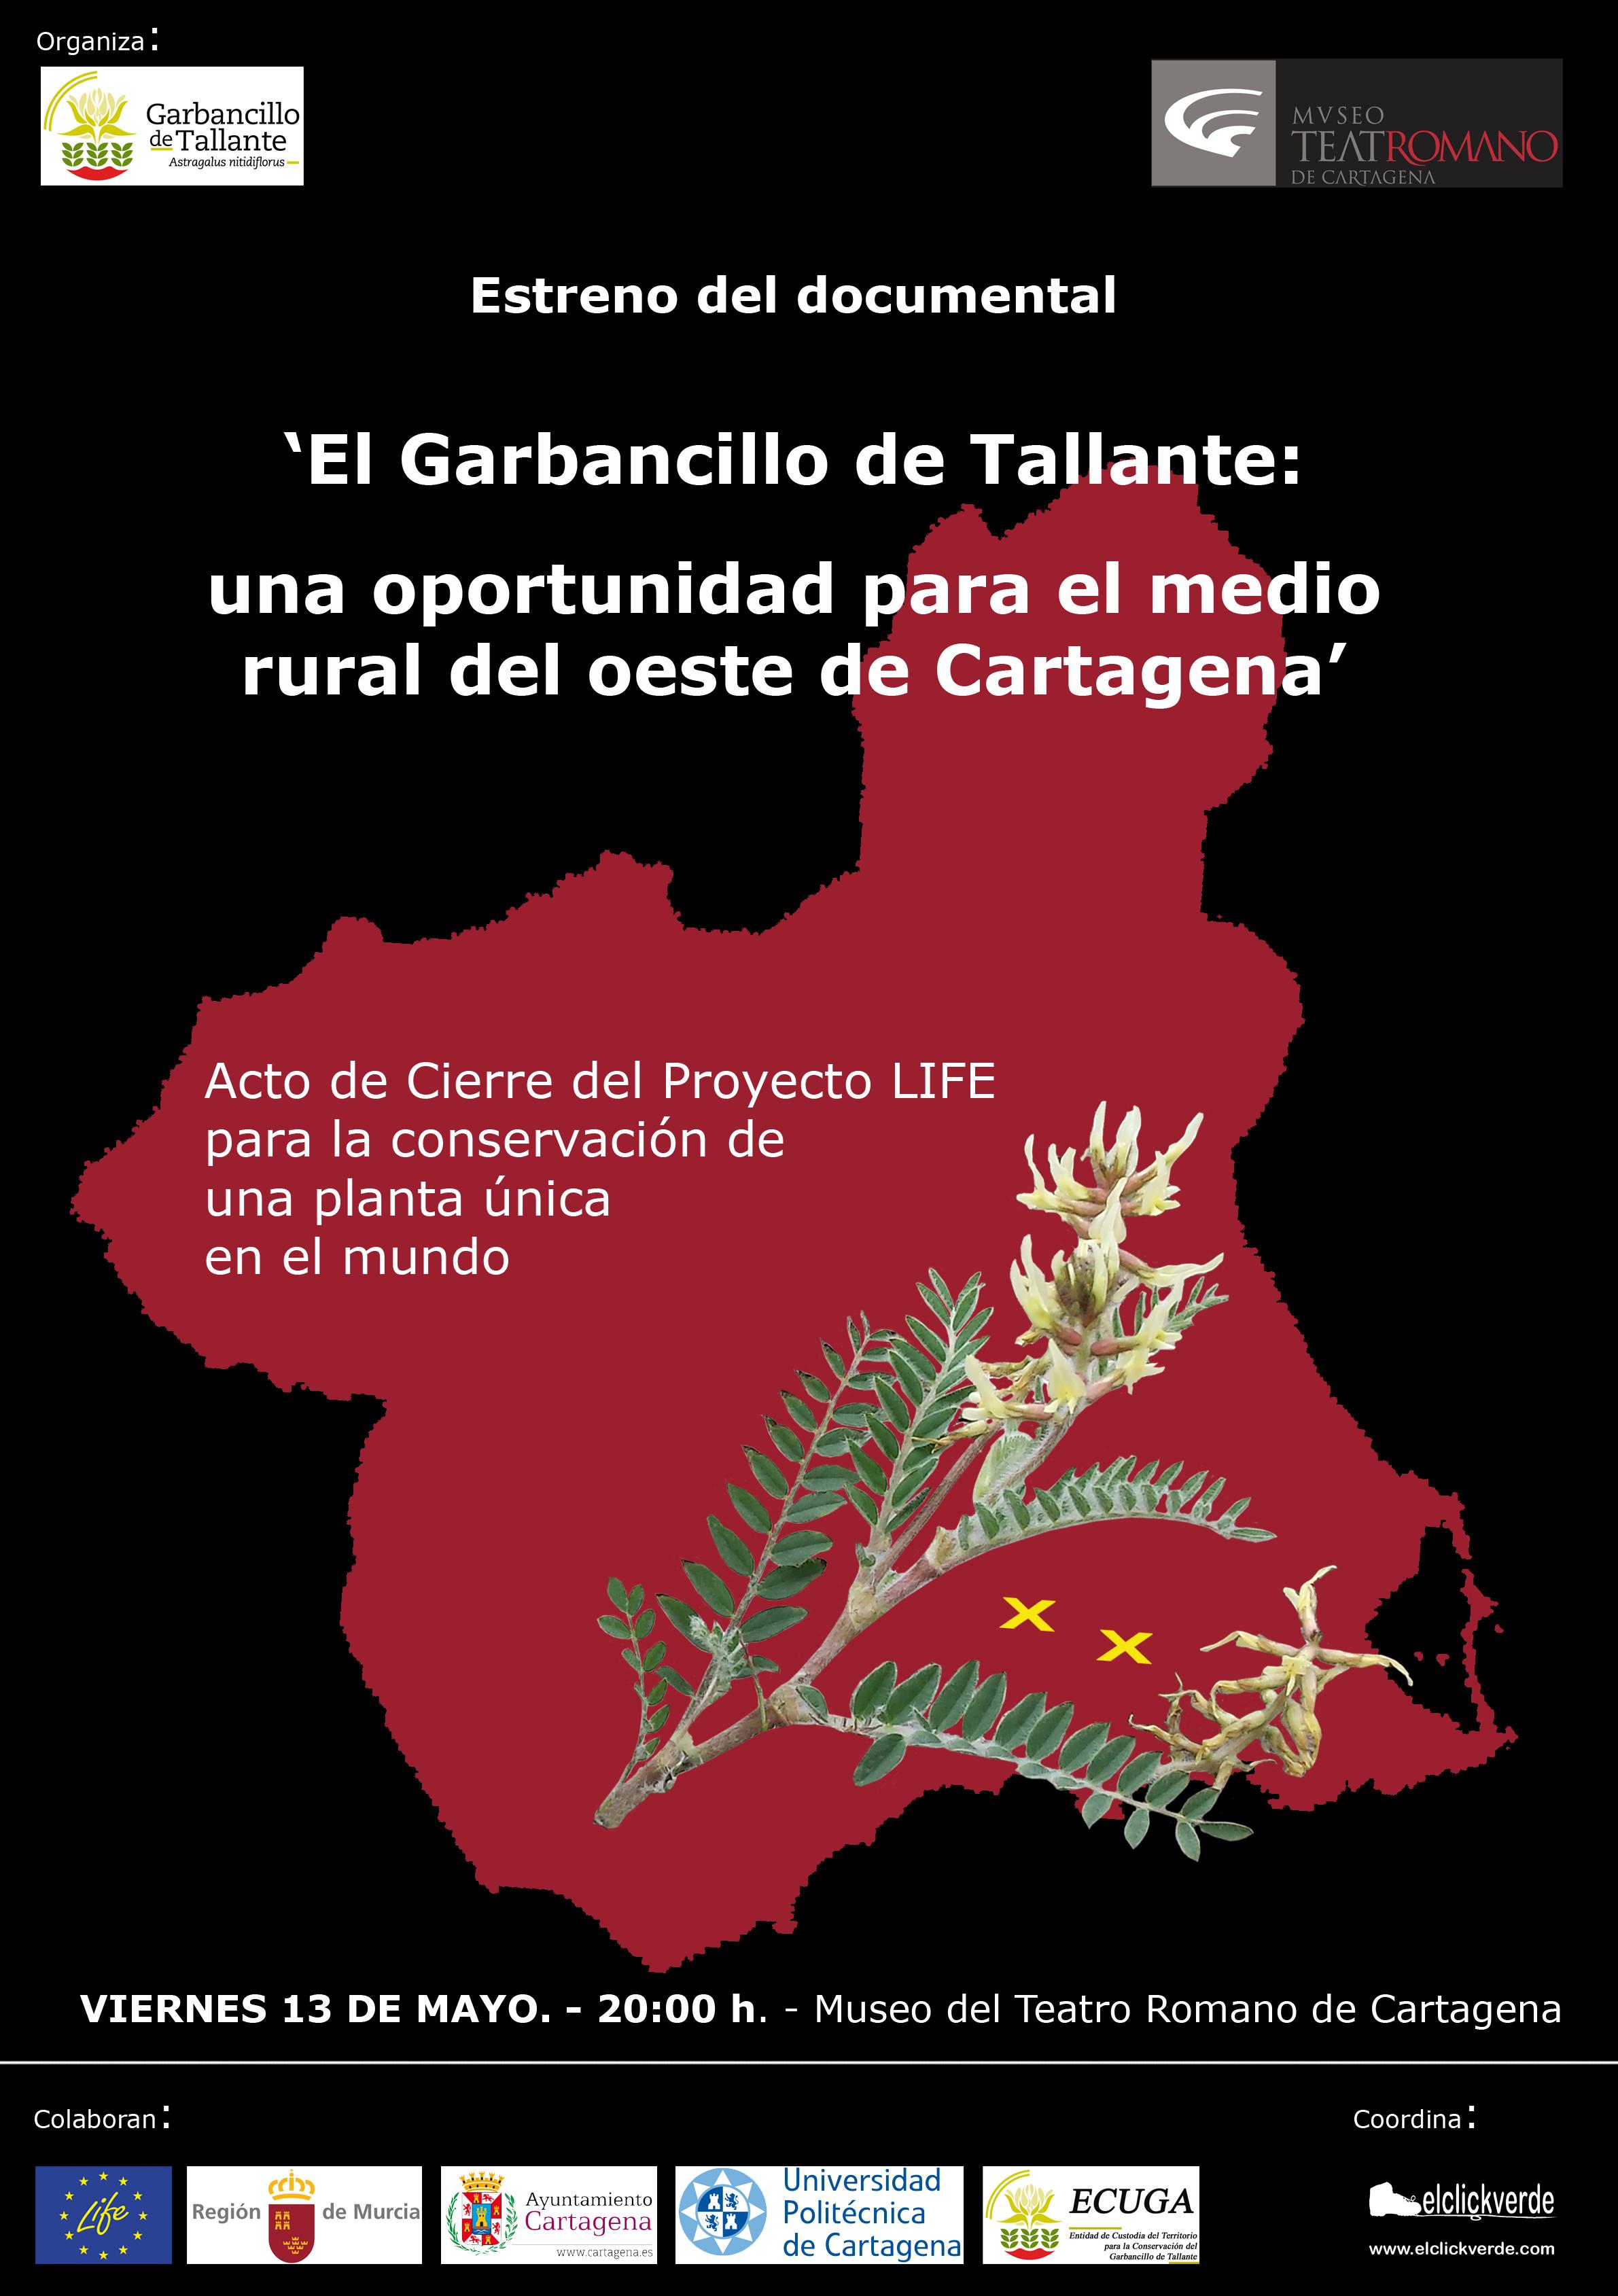 Estreno del documental 'El Garbancillo de Tallante: una oportunidad para el medio rural del oeste de Cartagena'.